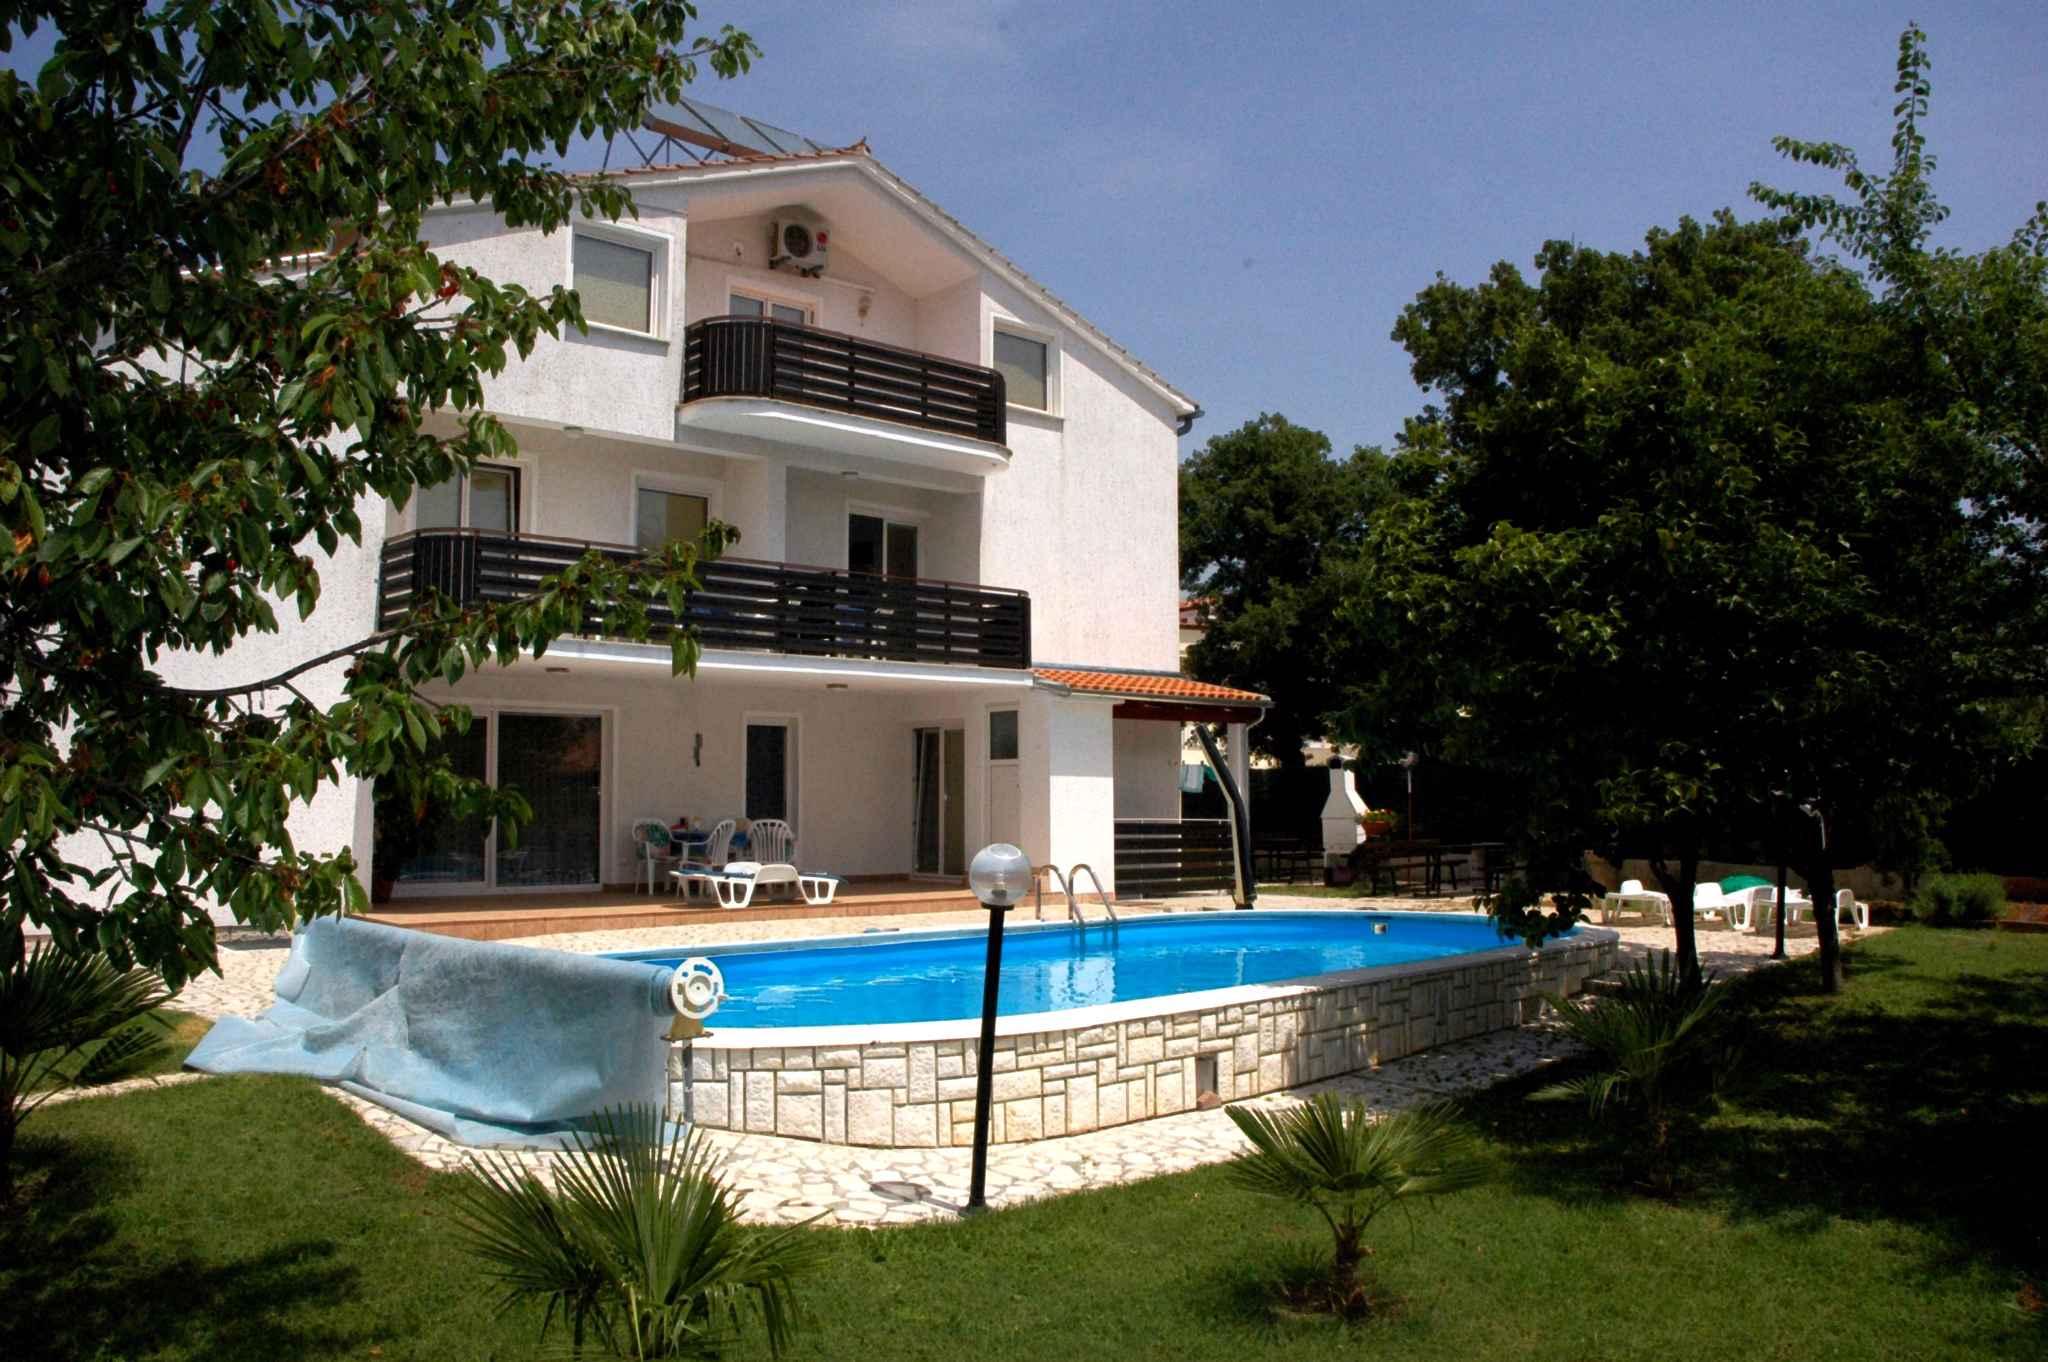 Ferienwohnung mit Pool (280350), Porec, , Istrien, Kroatien, Bild 2